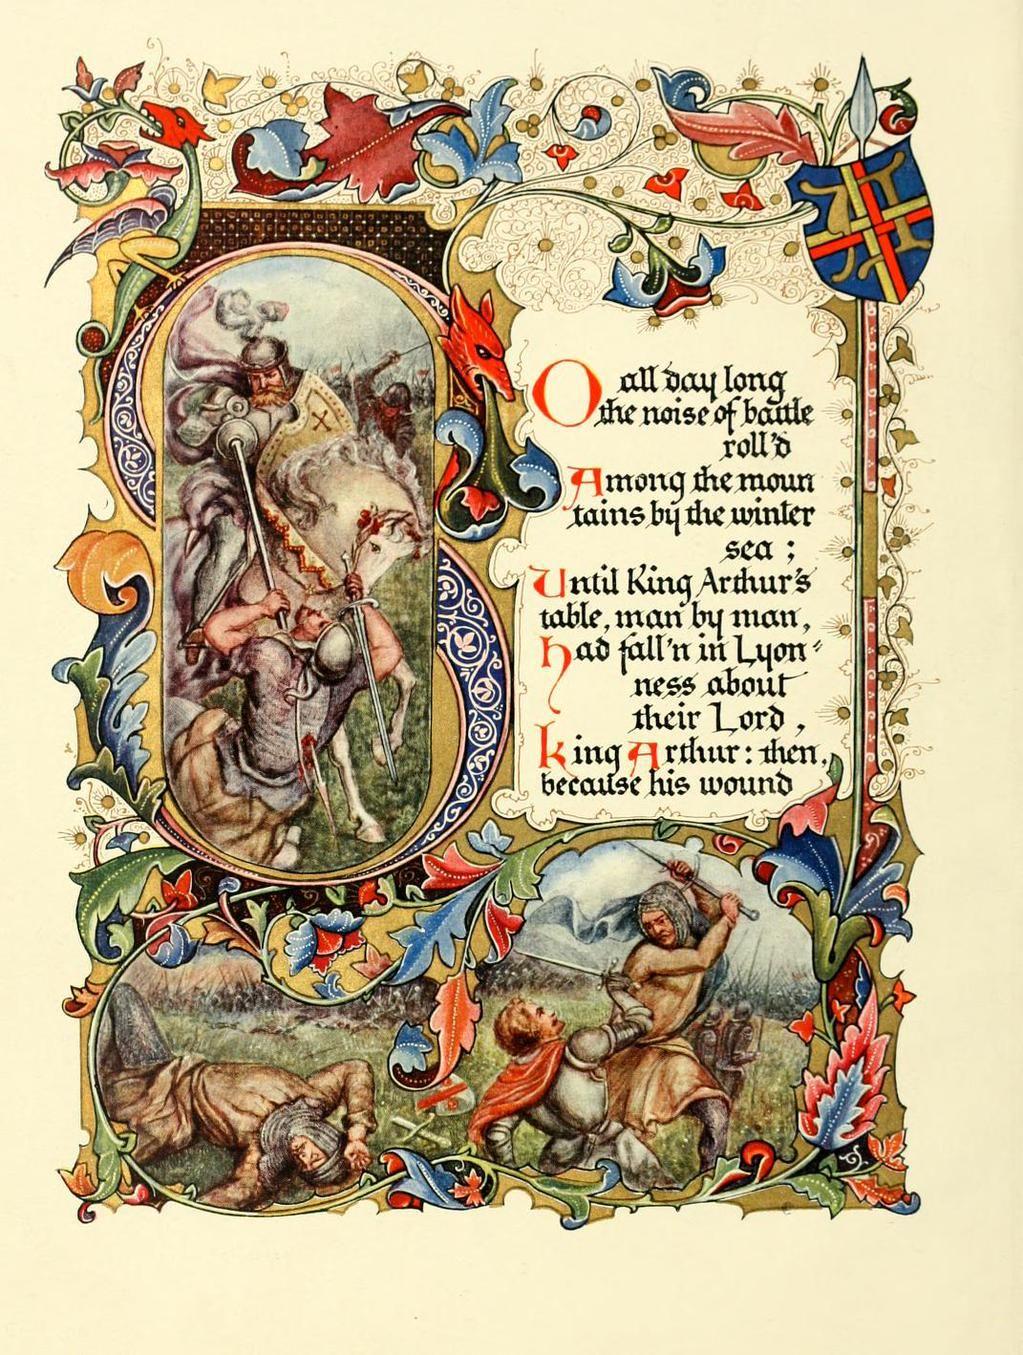 Tennyson's Morte d'Arthur beautifully illuminated by